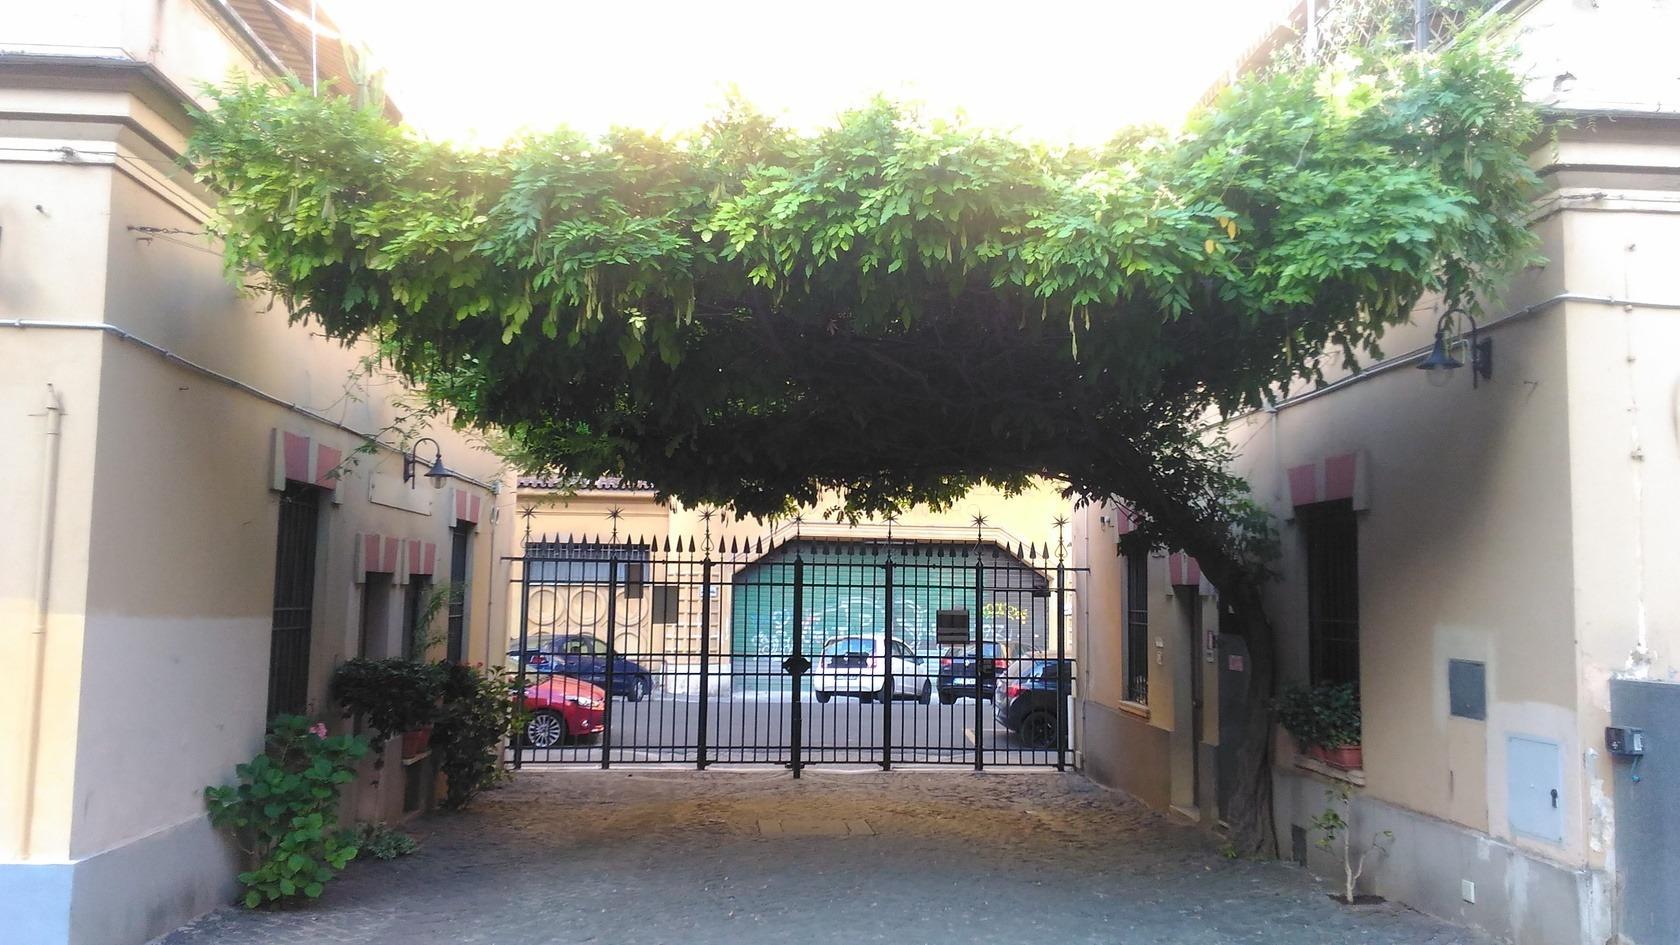 Casa in affitto prati affitti brevi roma for Affitto roma prati